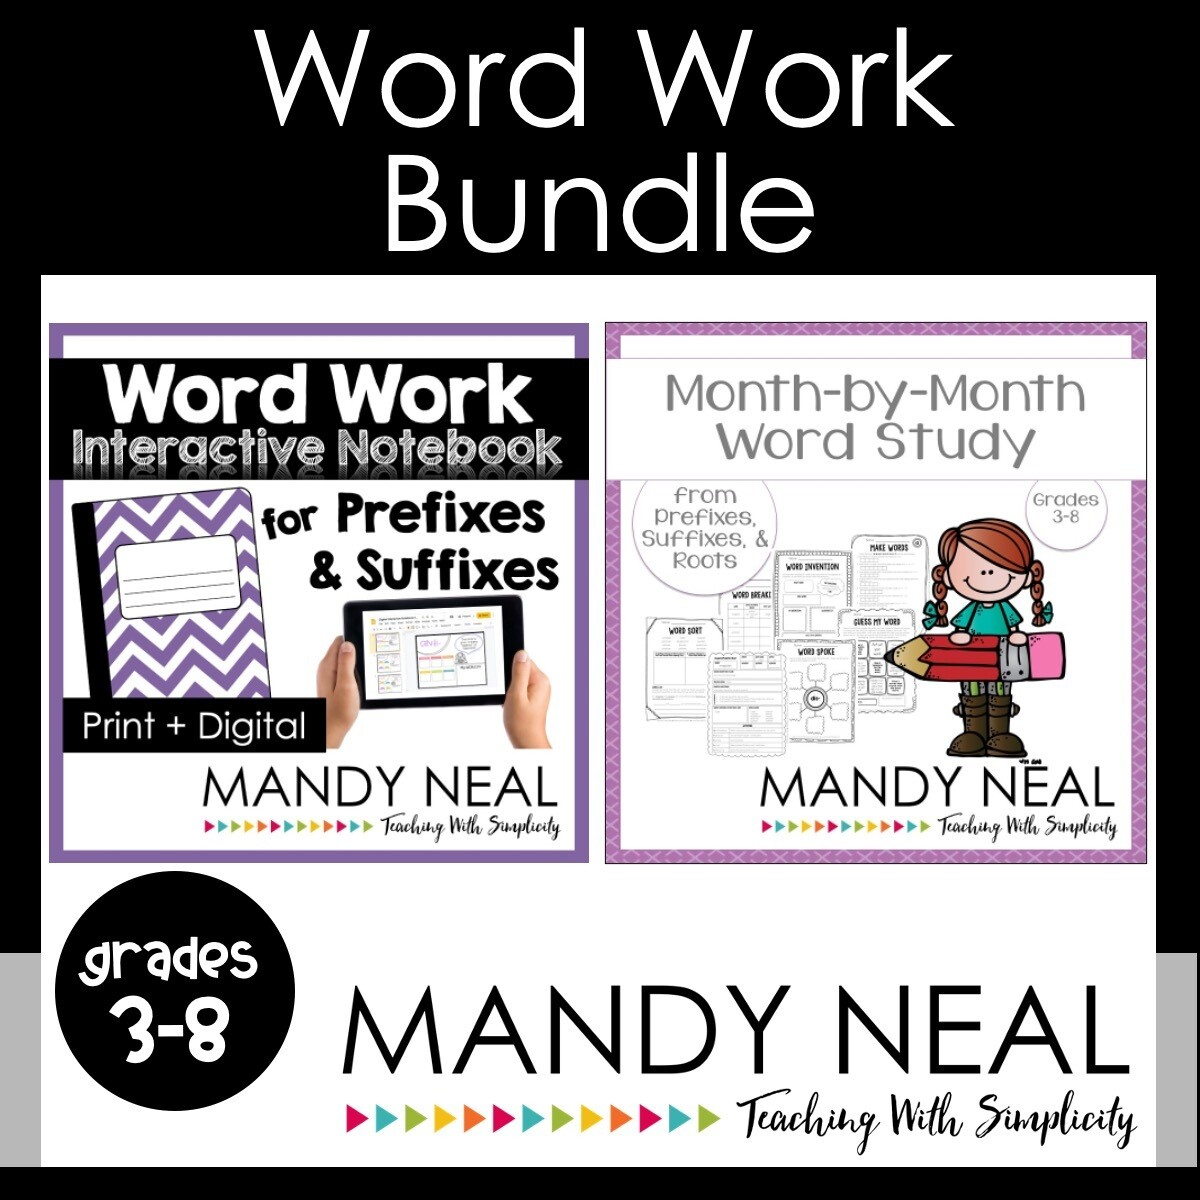 Word Work Bundle (Prefixes, Suffixes, & Roots)